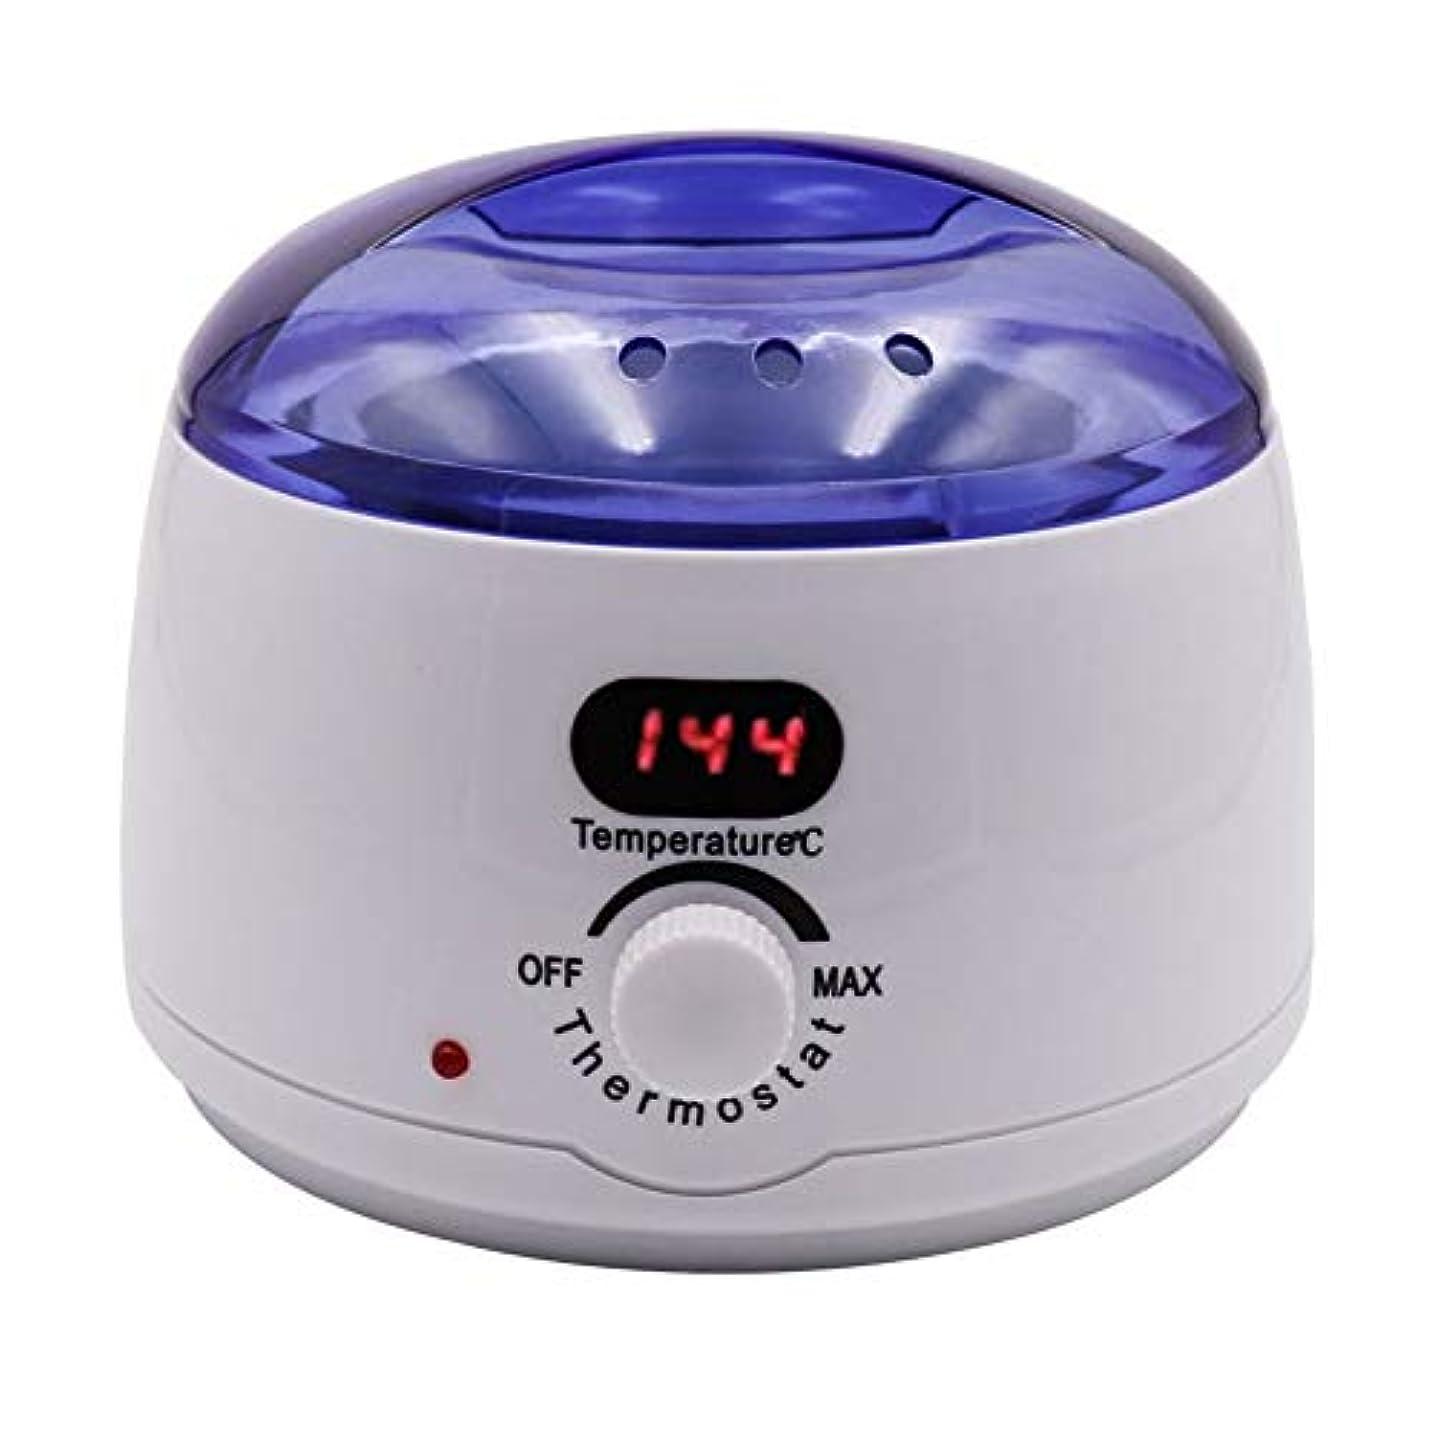 バンサンダー縮れた脱毛、デジタル表示温度メルティングワックスポットインテリジェント加熱多機能ホームワックスマシン女性/男性500CCのための専門の電気ワックスウォーマーヒーターメルター